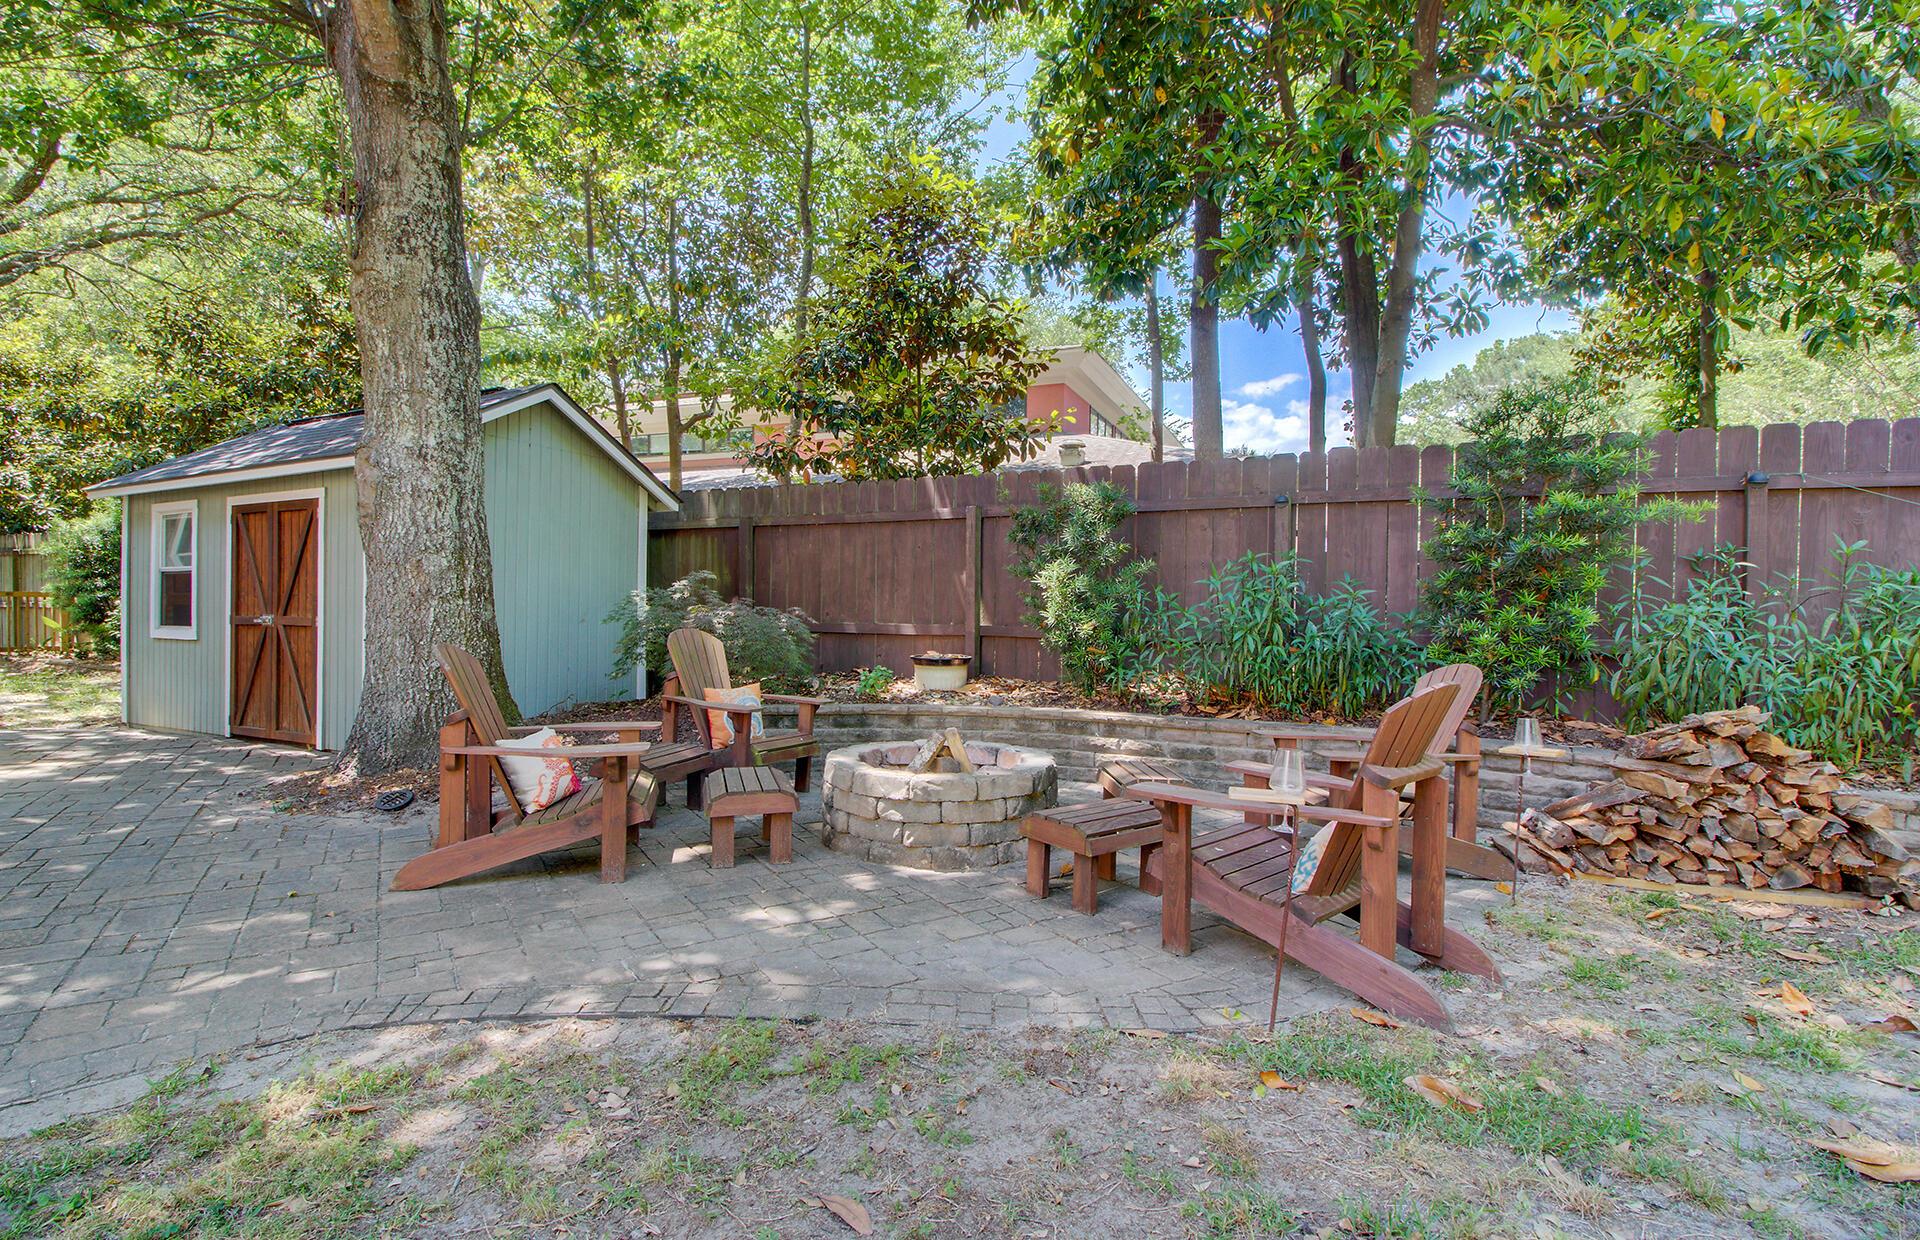 Phillips Park Homes For Sale - 1129 Phillips Park, Mount Pleasant, SC - 25